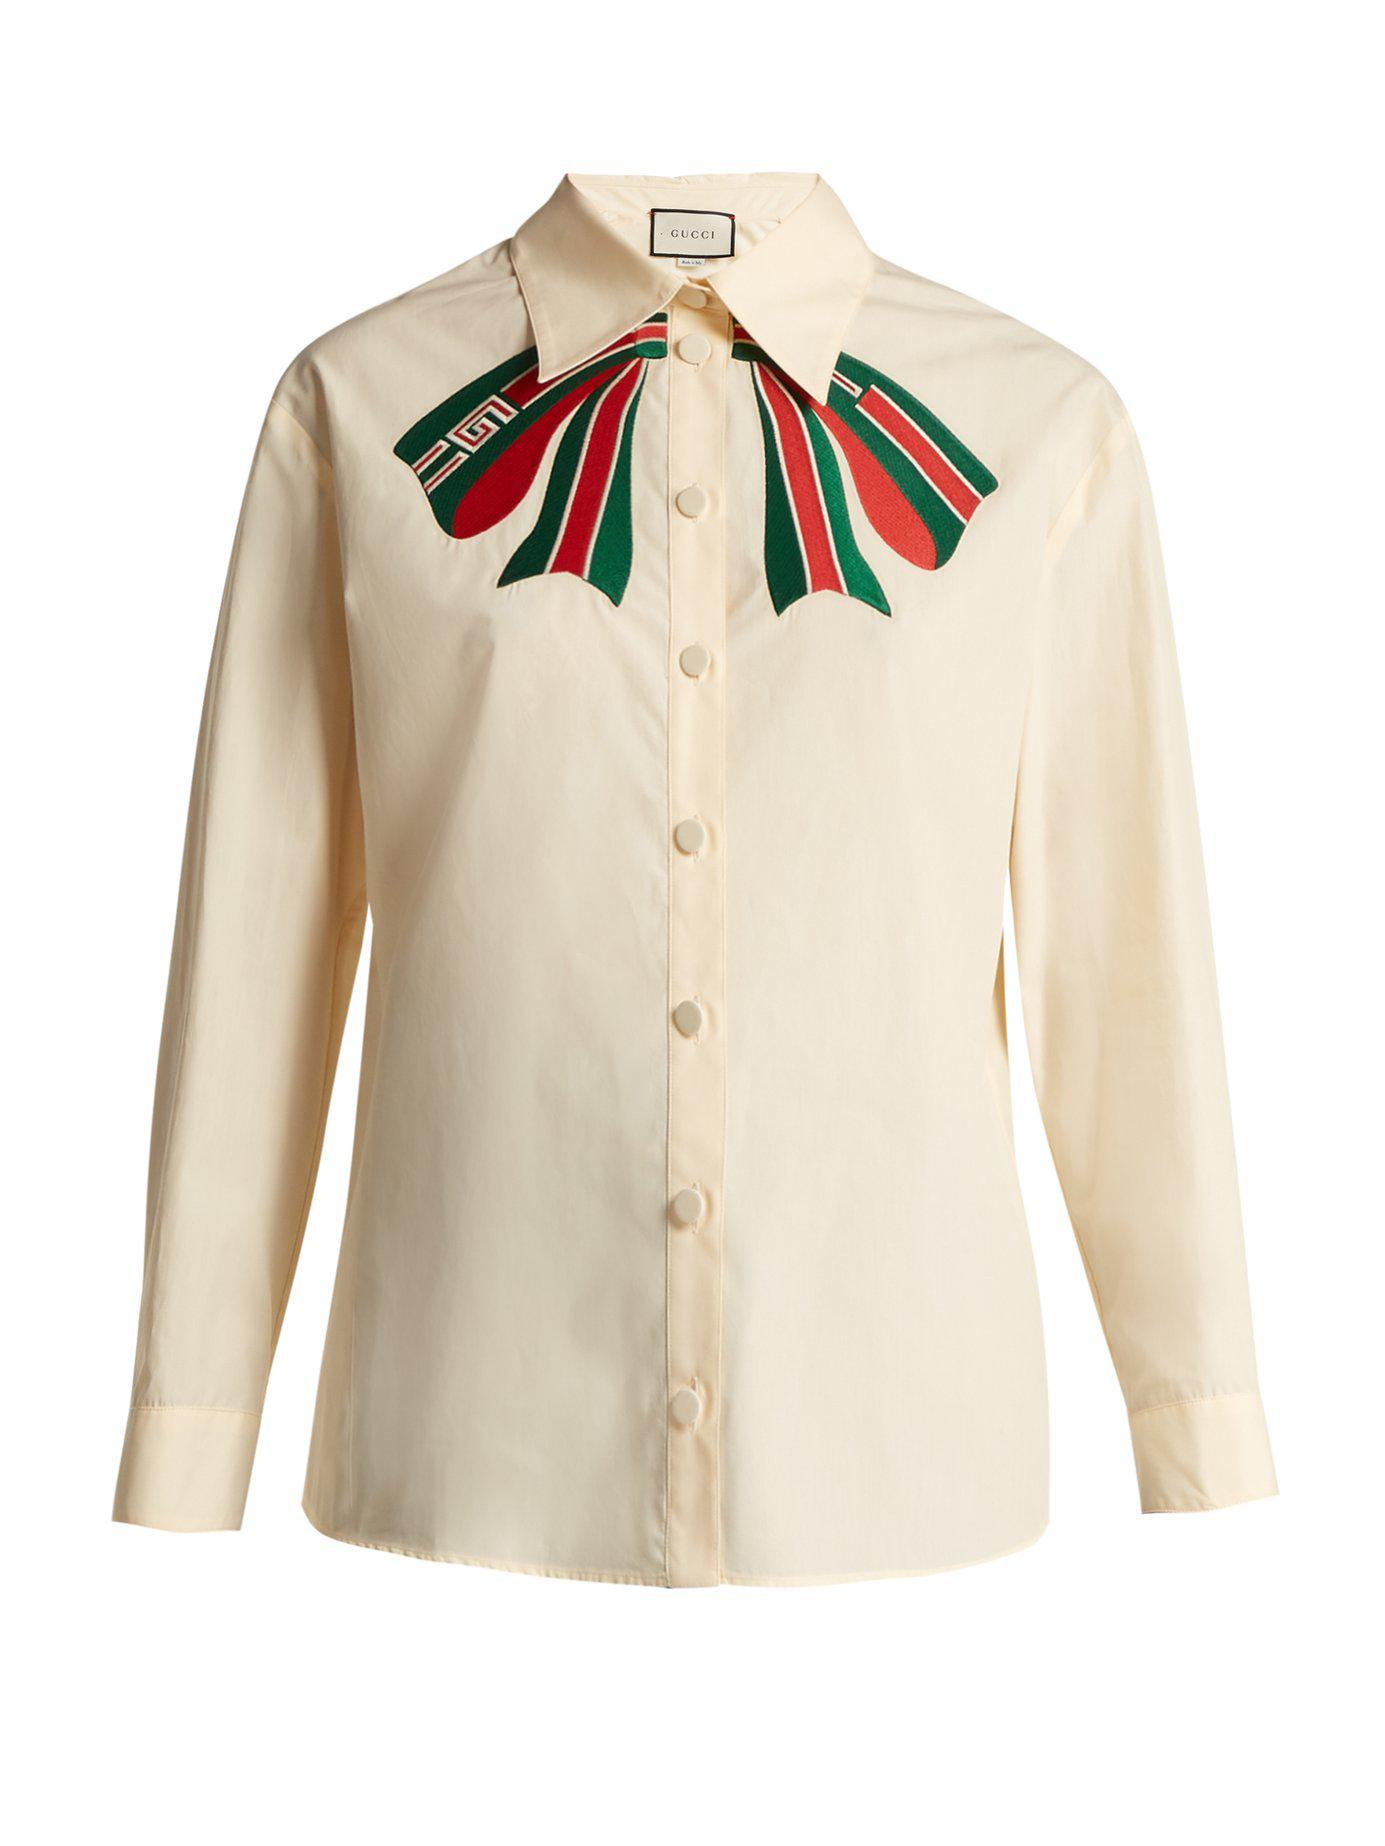 c7e411d8 Lyst - Gucci Trompe L'oeil Bow Cotton Poplin Shirt in White